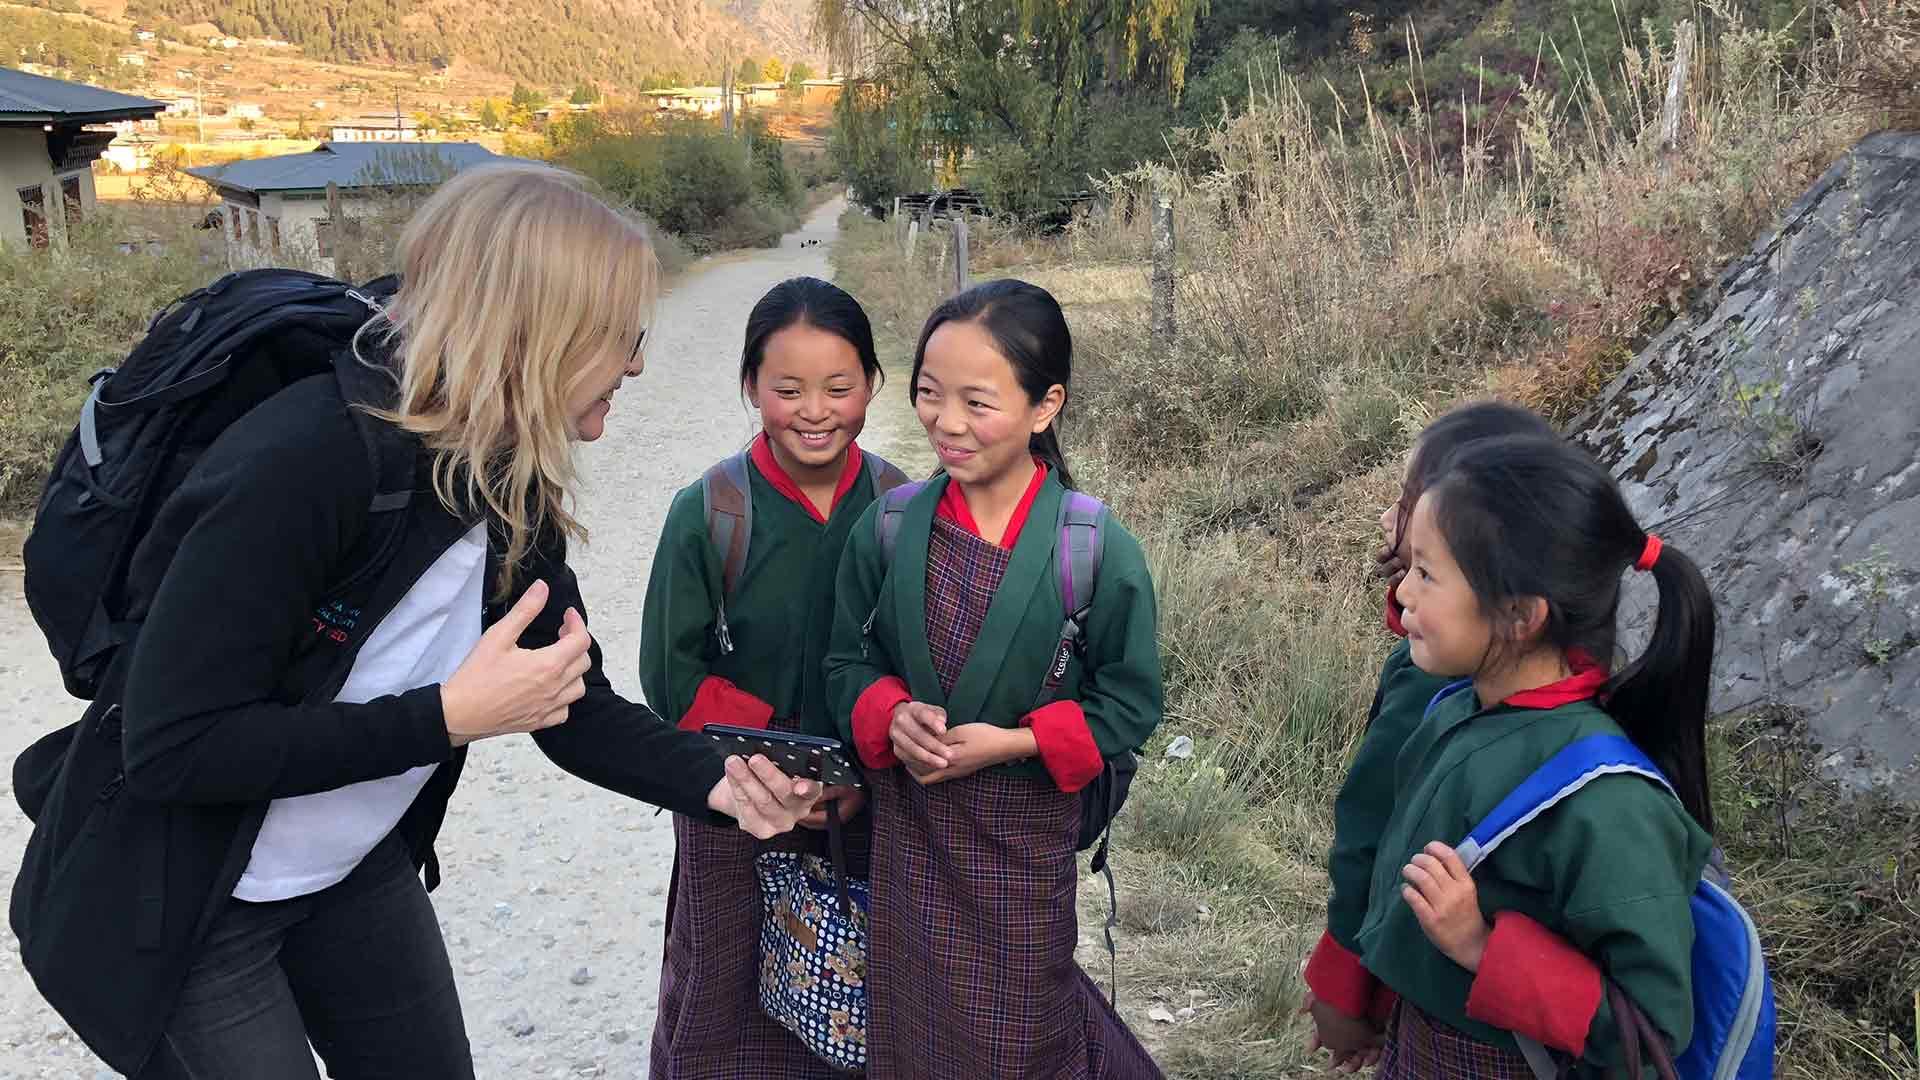 Bhutan traveler interacting with local schoolgirls